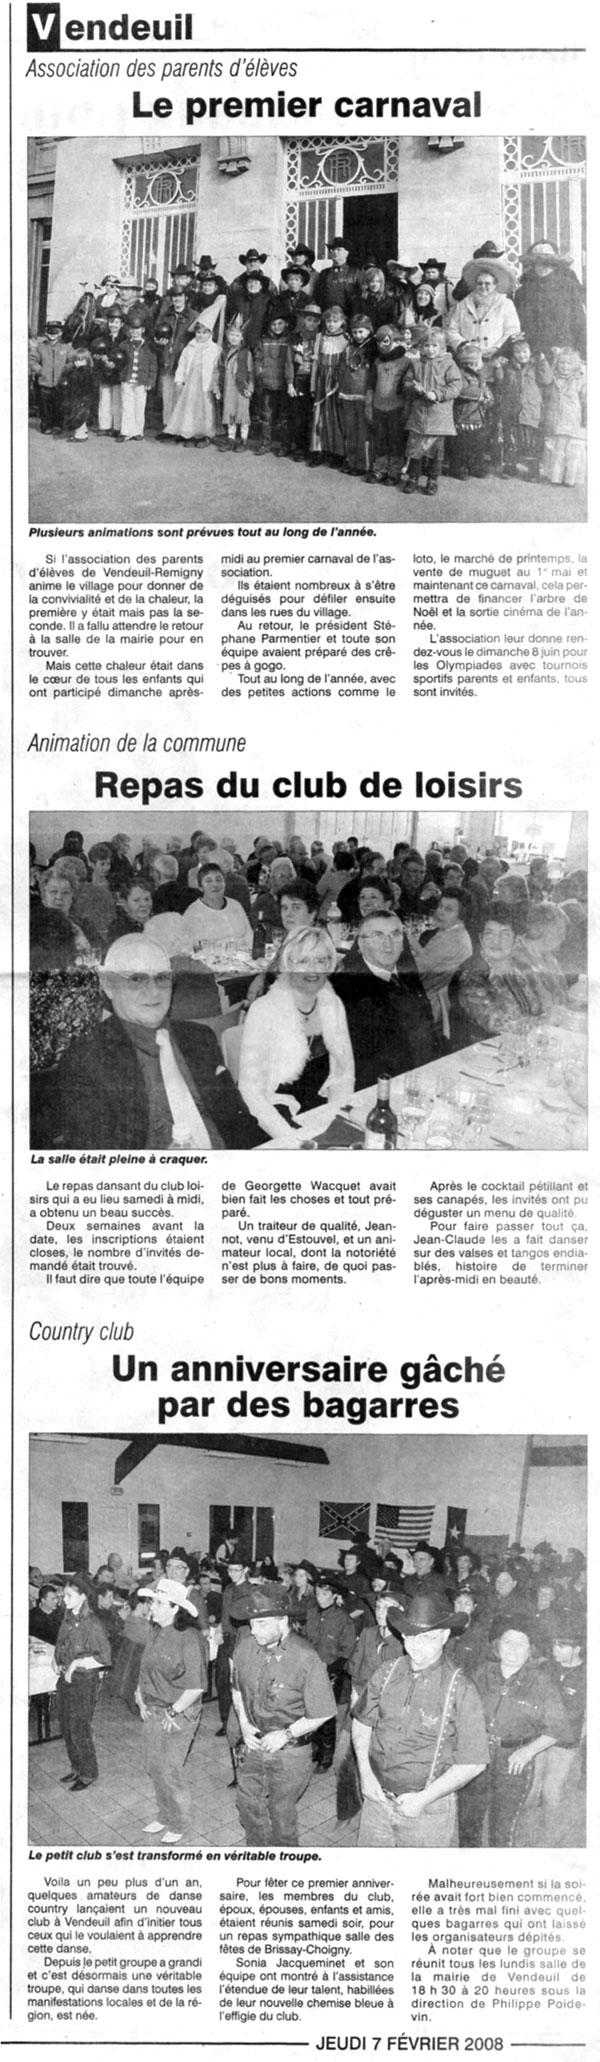 Brocante Moy De L Aisne vendeuil - associations - danse country